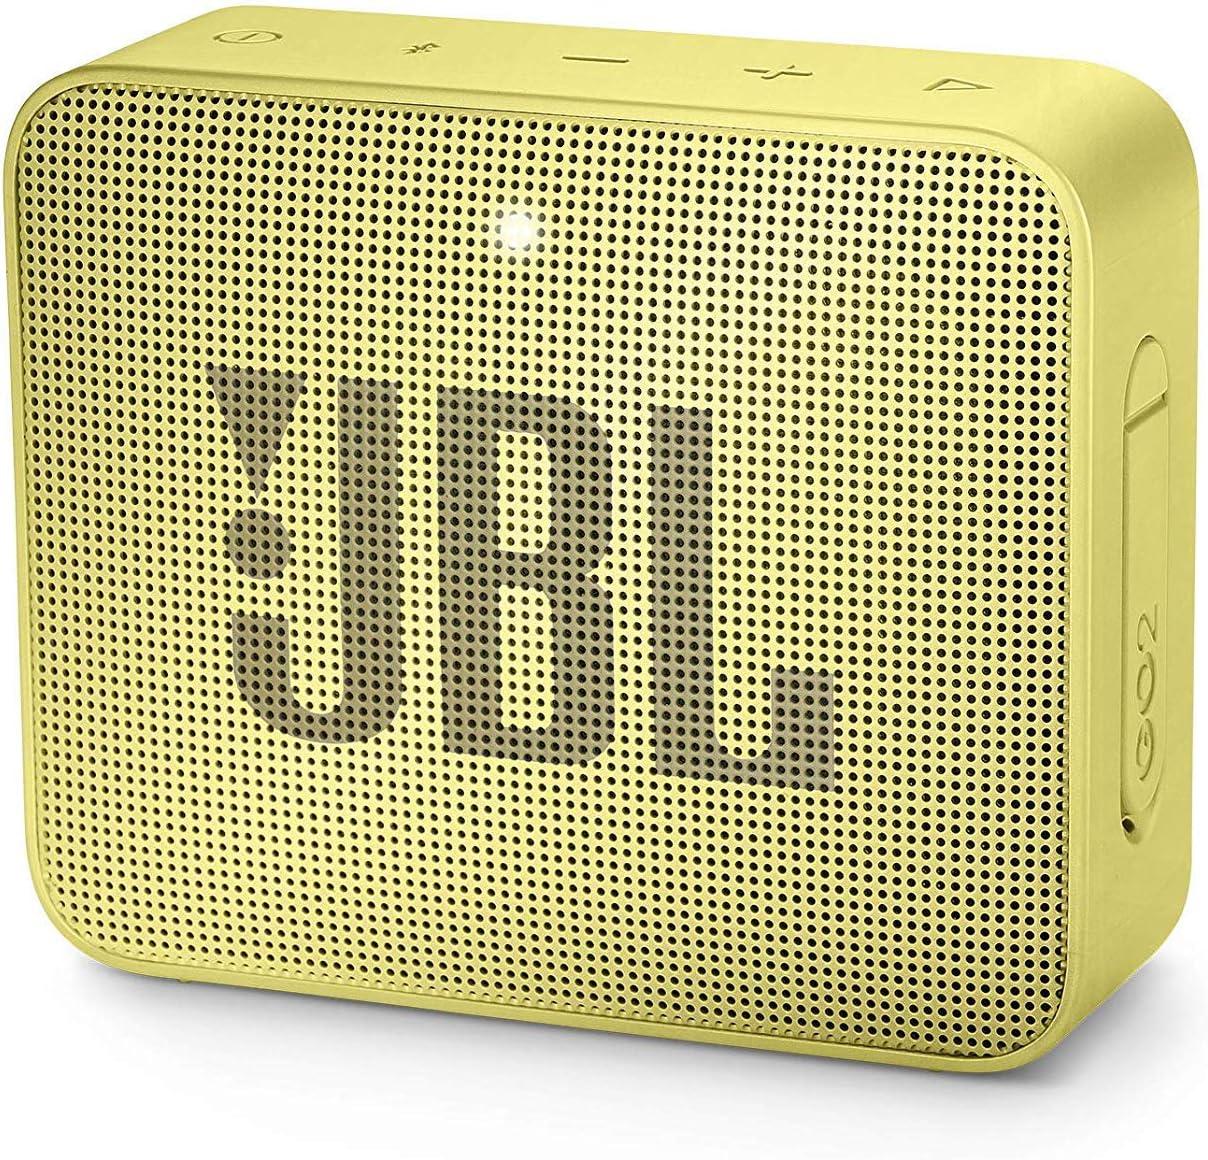 JBL GO 2 – Altavoz inalámbrico portátil con Bluetooth – Parlante resistente al agua (IPX7) – hasta 5h de reproducción con sonido de alta fidelidad – Amarillo